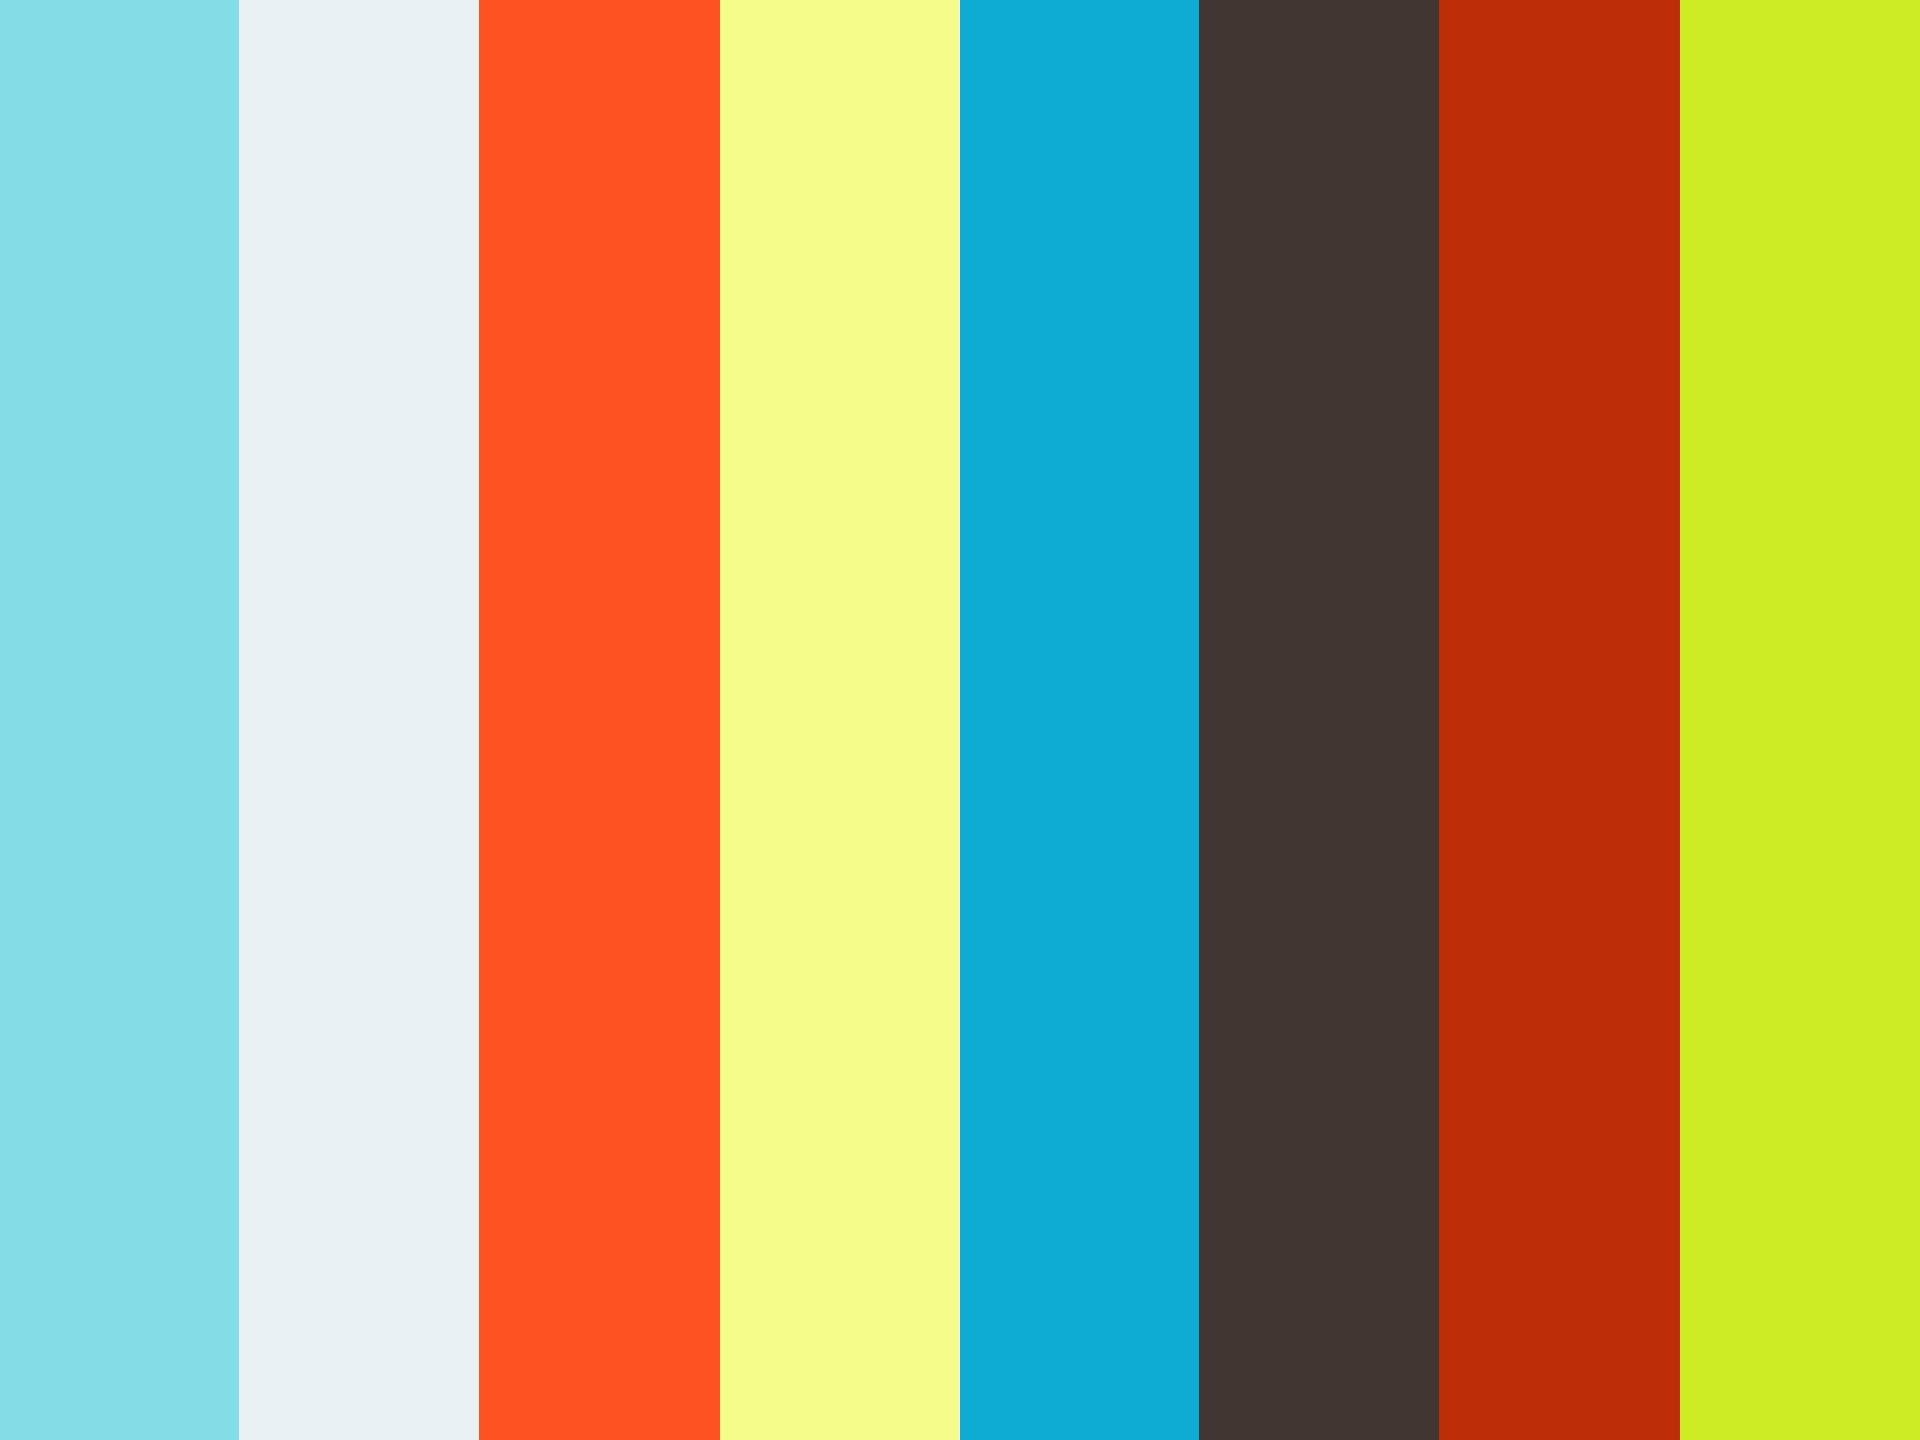 【無料公開中】金子和之先生:不正咬合に対する原因療法 〜既成装置を用いた筋機能訓練〜 #1